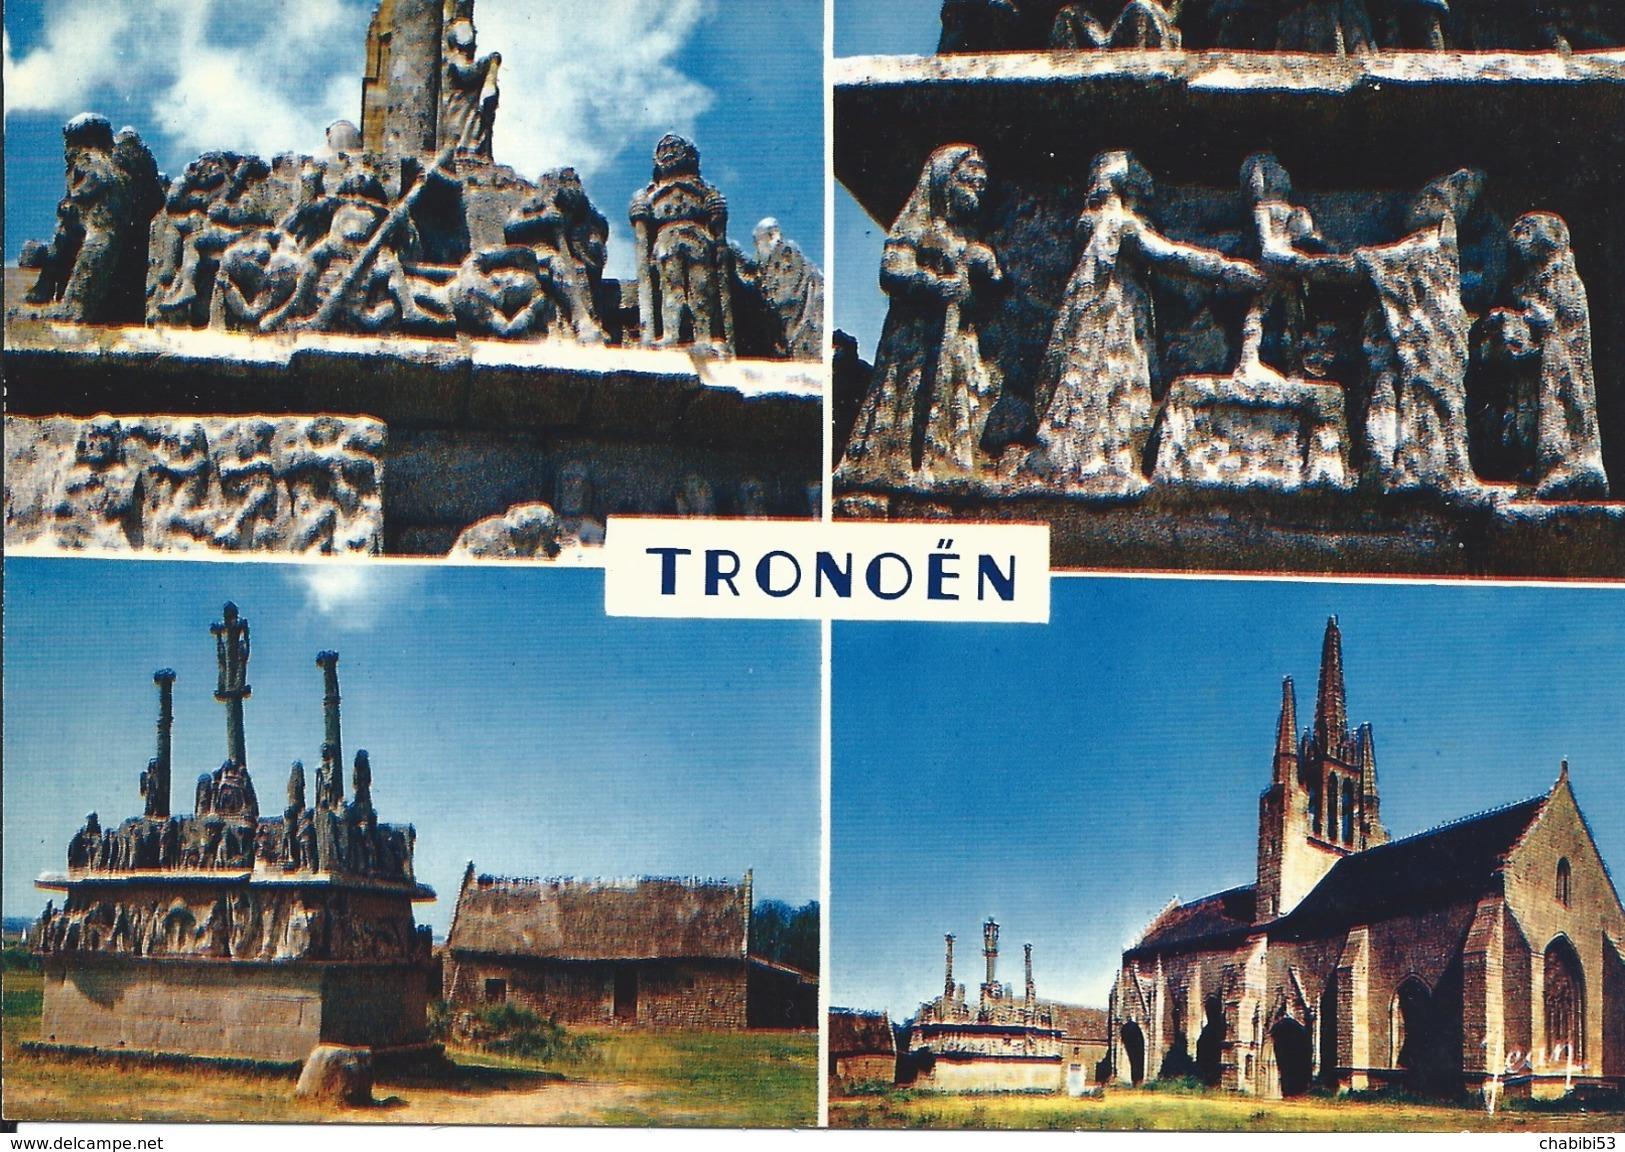 29 - TONOËN - St JEAN TROLIMON - L'église Et Le Calvaire - Saint-Jean-Trolimon